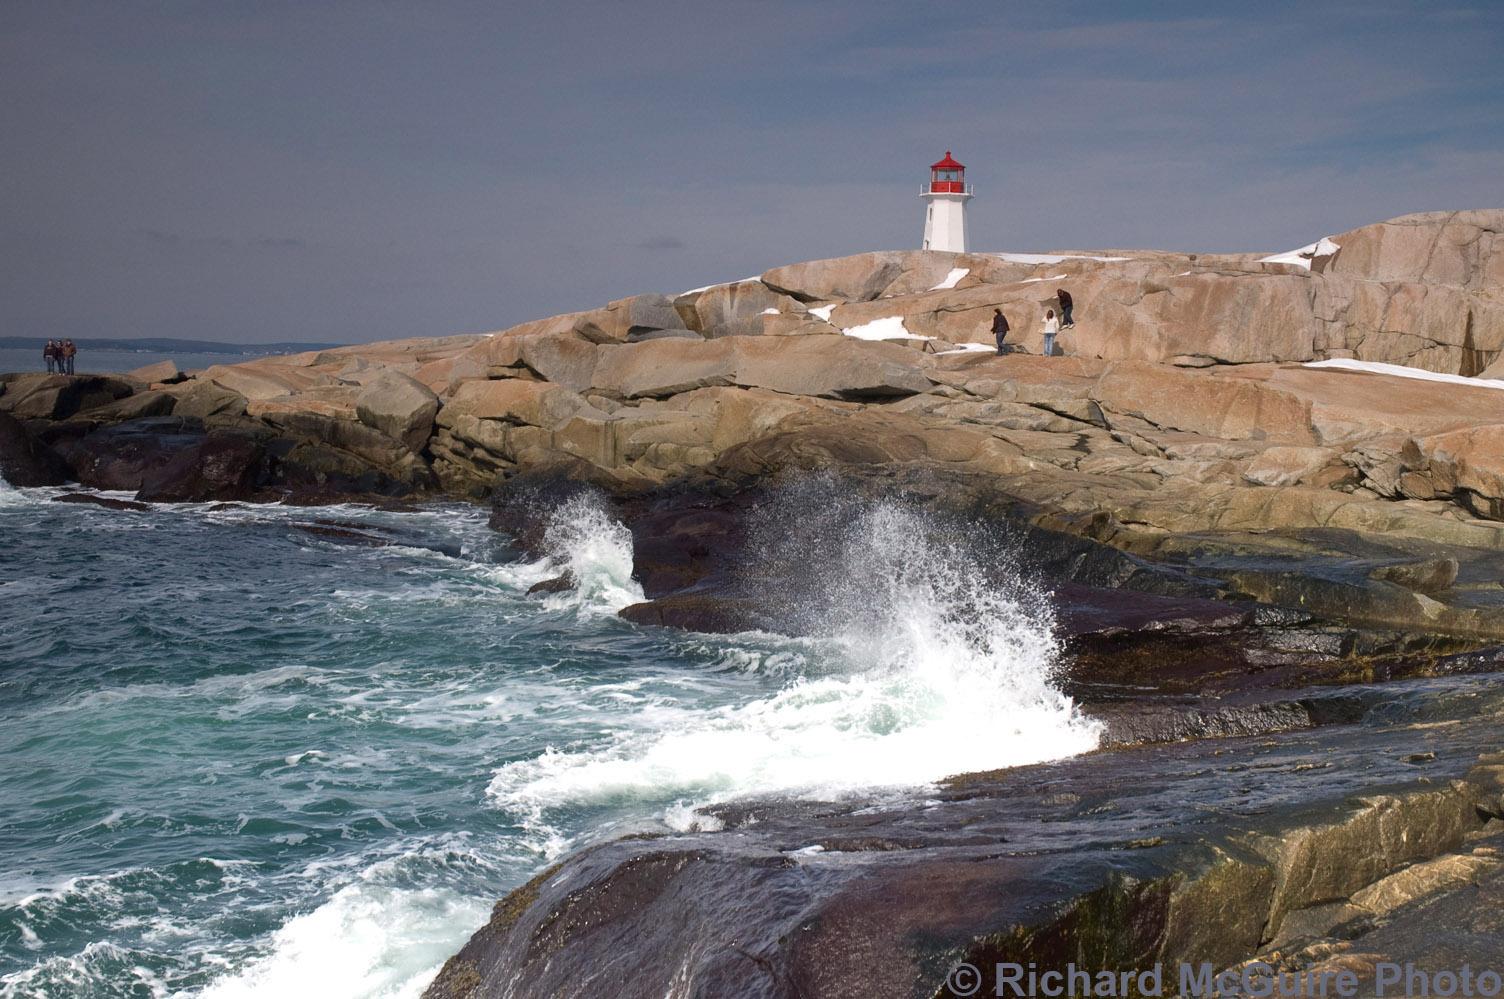 Rocks and Lighthouse, Peggy's Cove, Nova Scotia